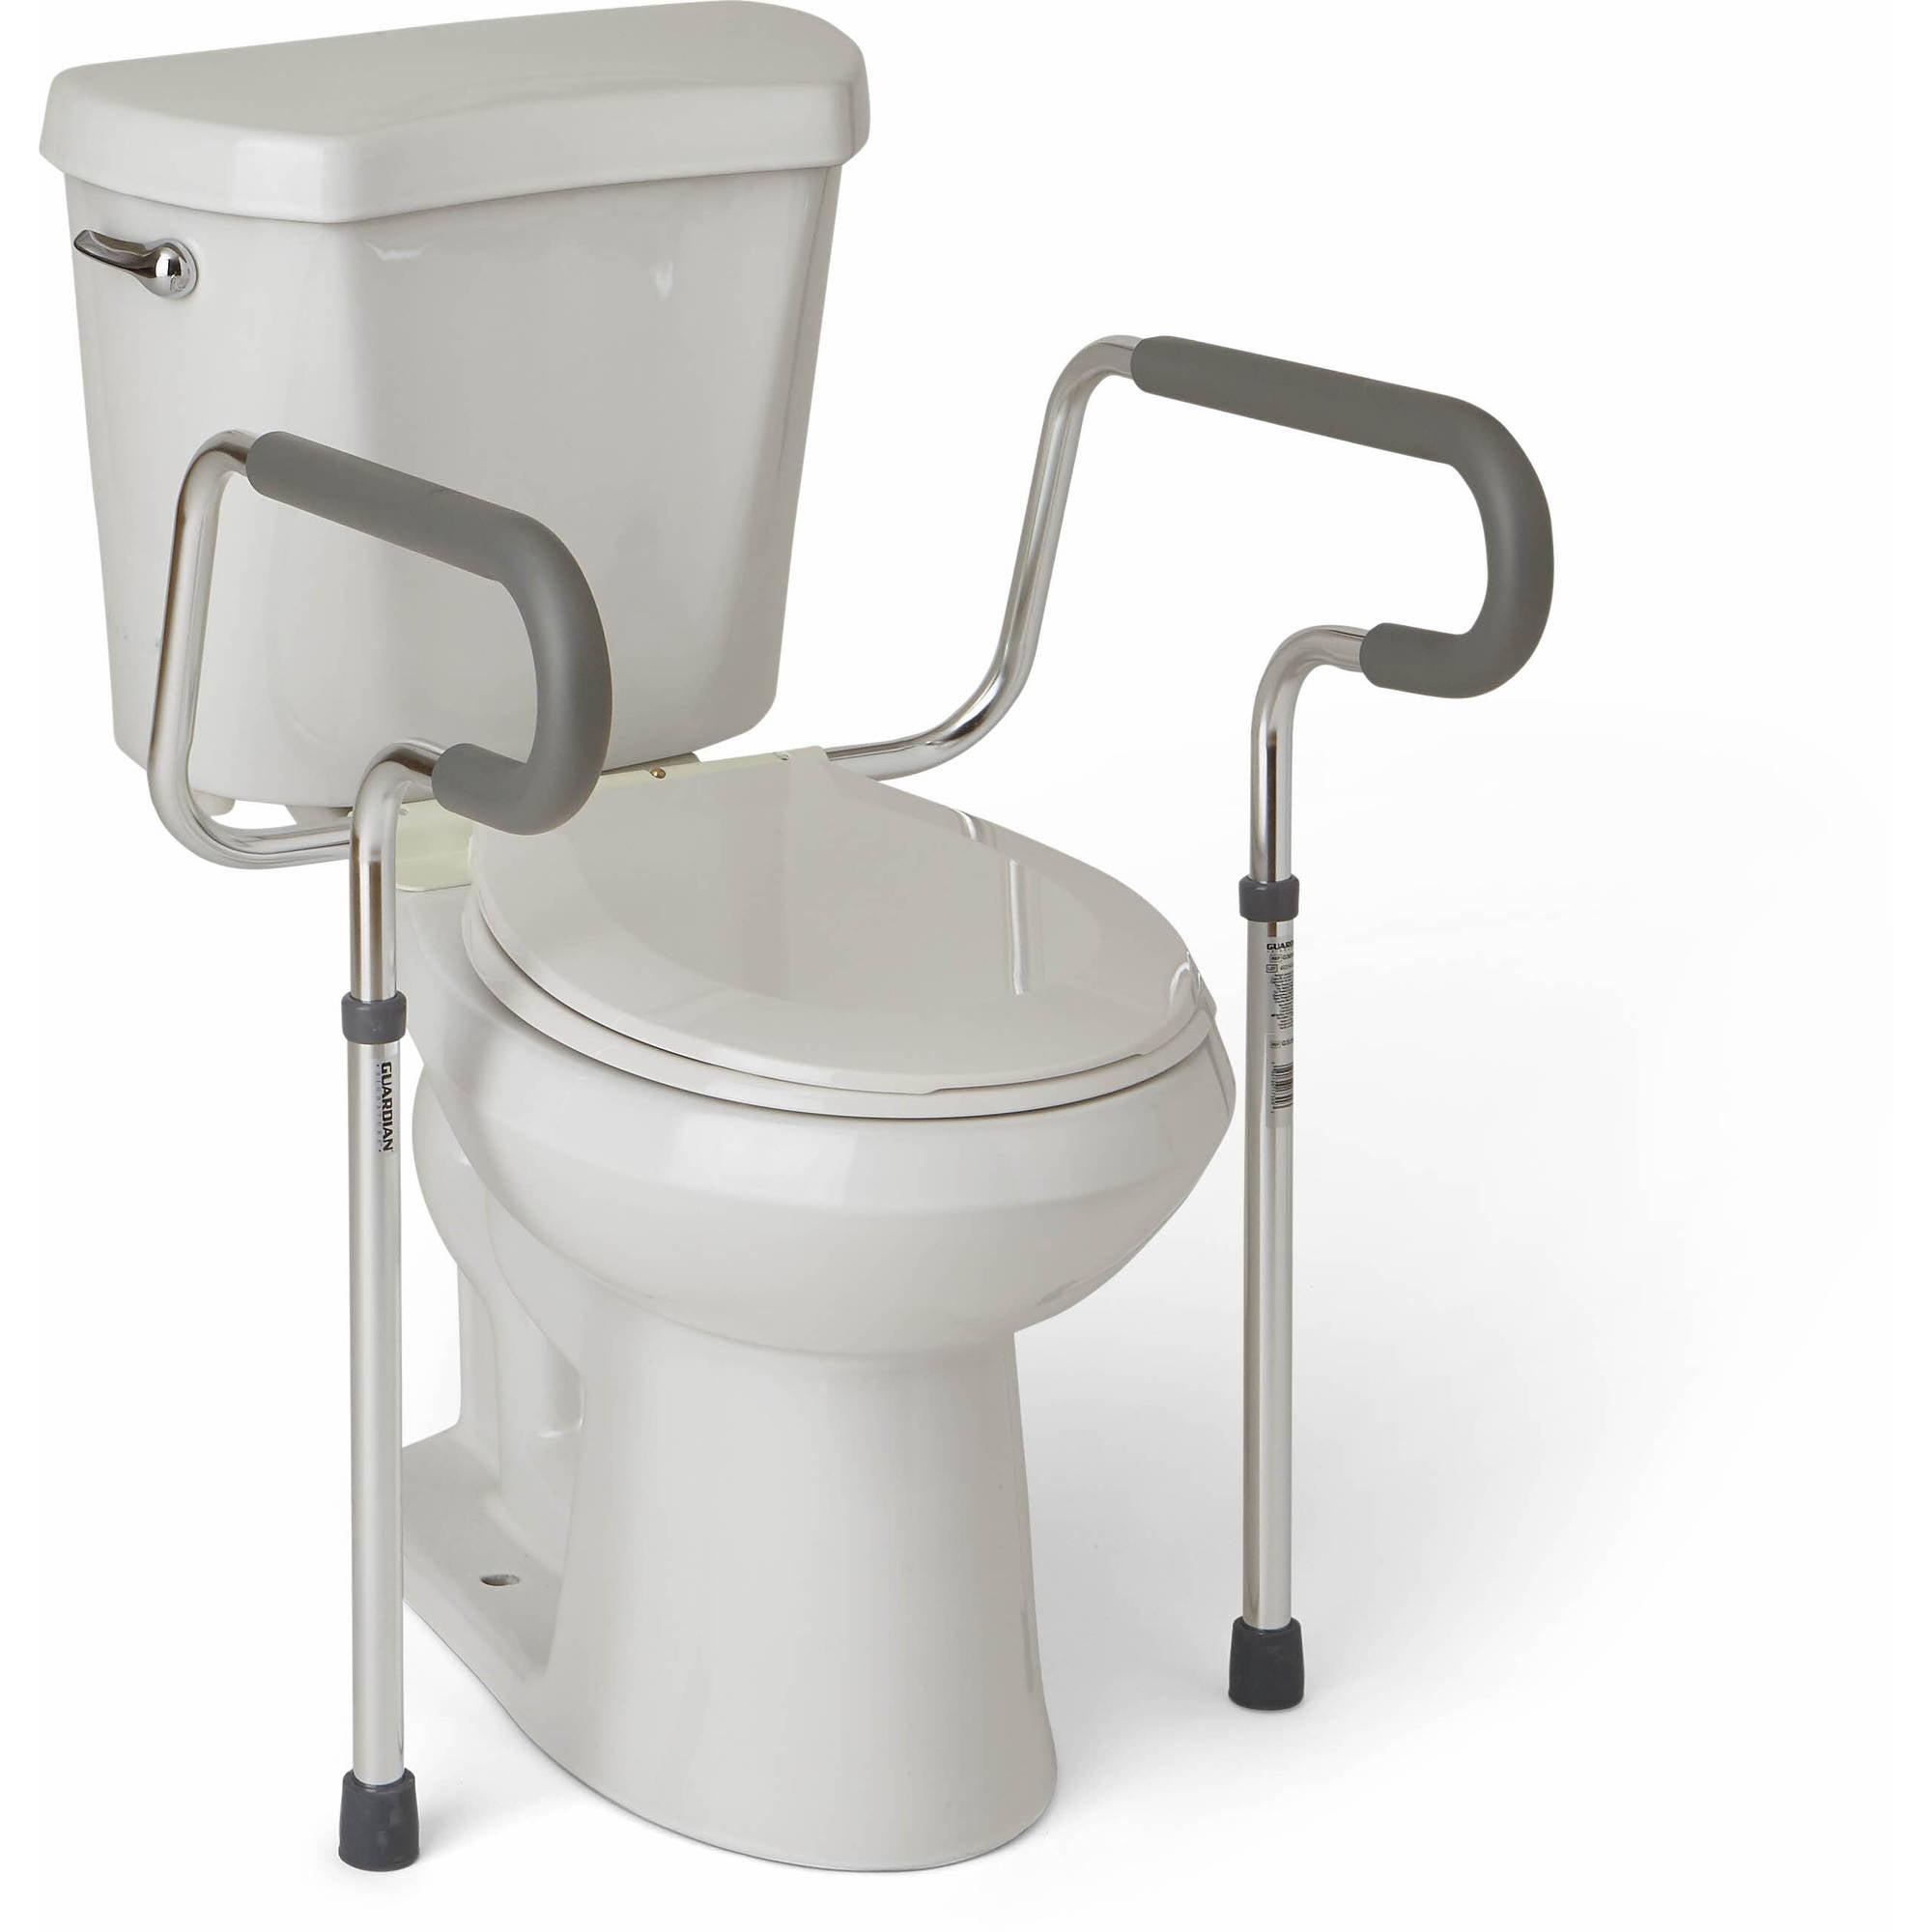 Medline Toilet Safety Frame Rails Walmart Com